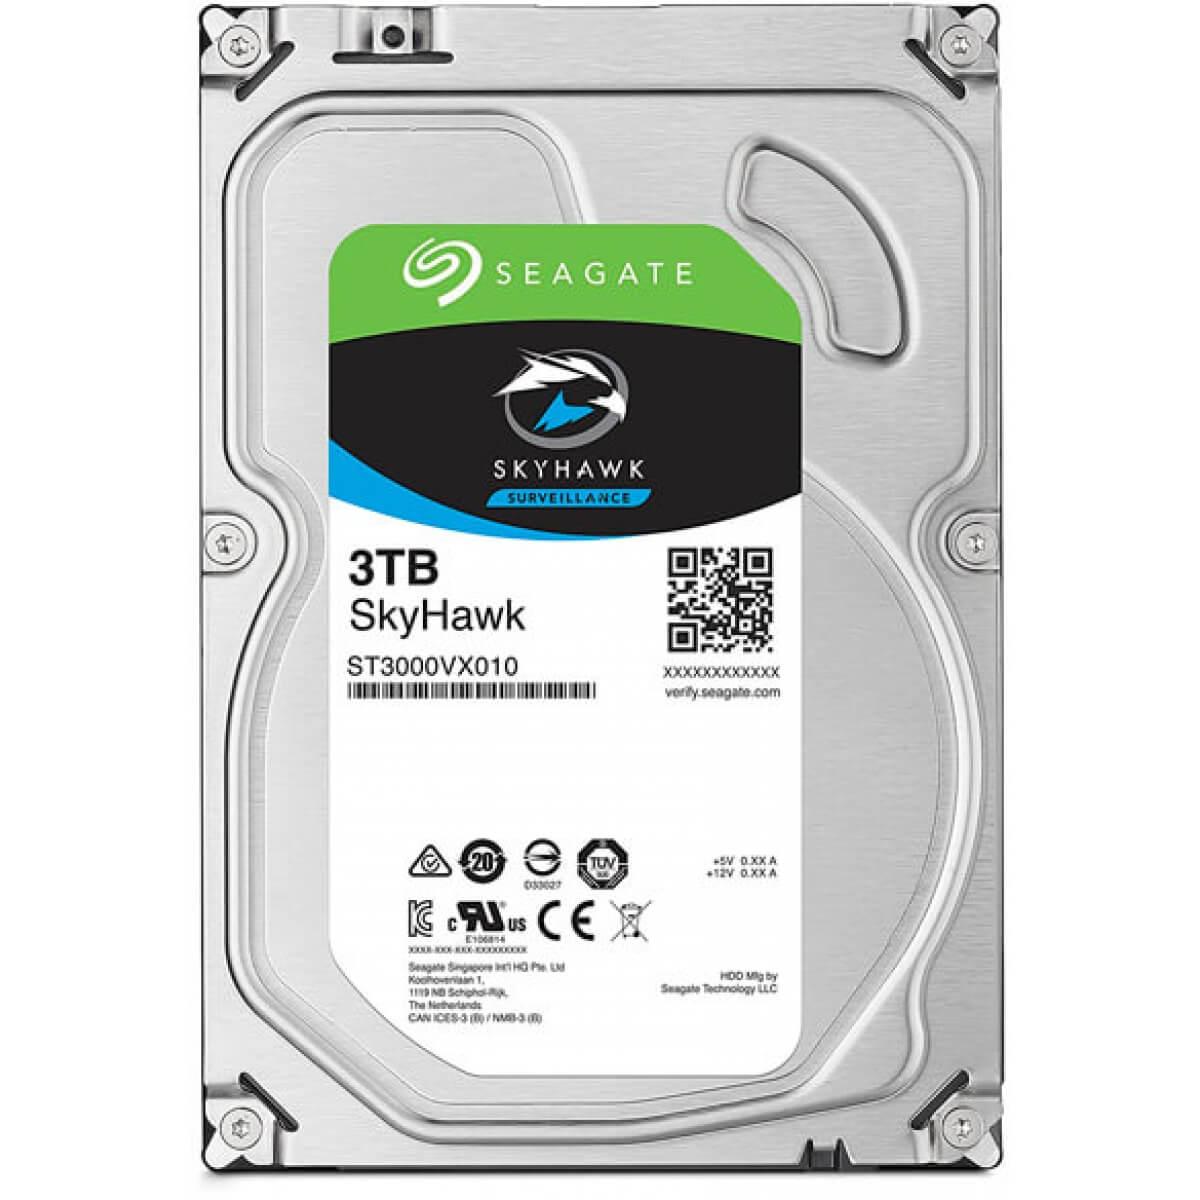 HD Seagate SATA 3,5 Surveillance SKYHAWK 3TB 5900RPM 64MB ST3000VX010